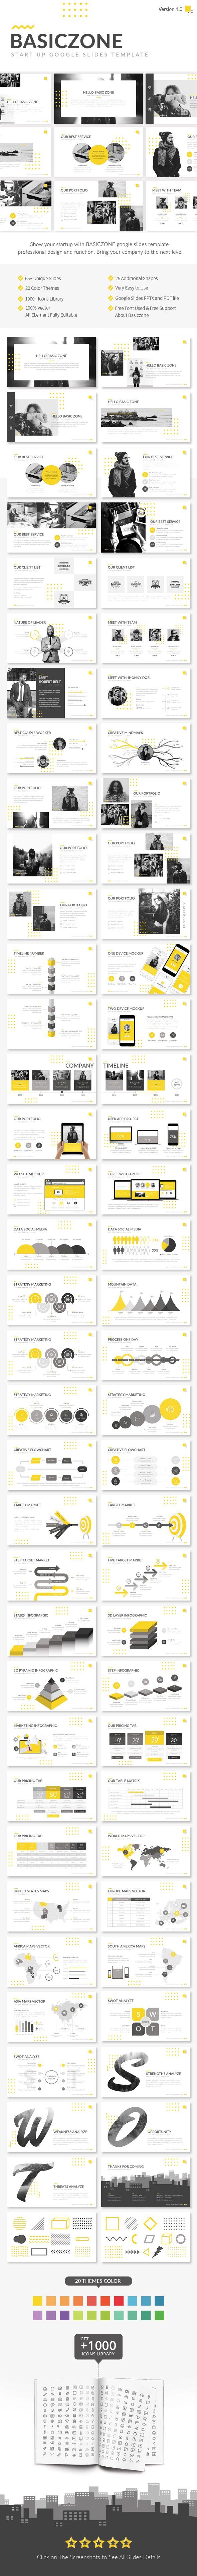 Basiczone V1 - Start Up Google Slides Template - Google Slides Presentation Templates